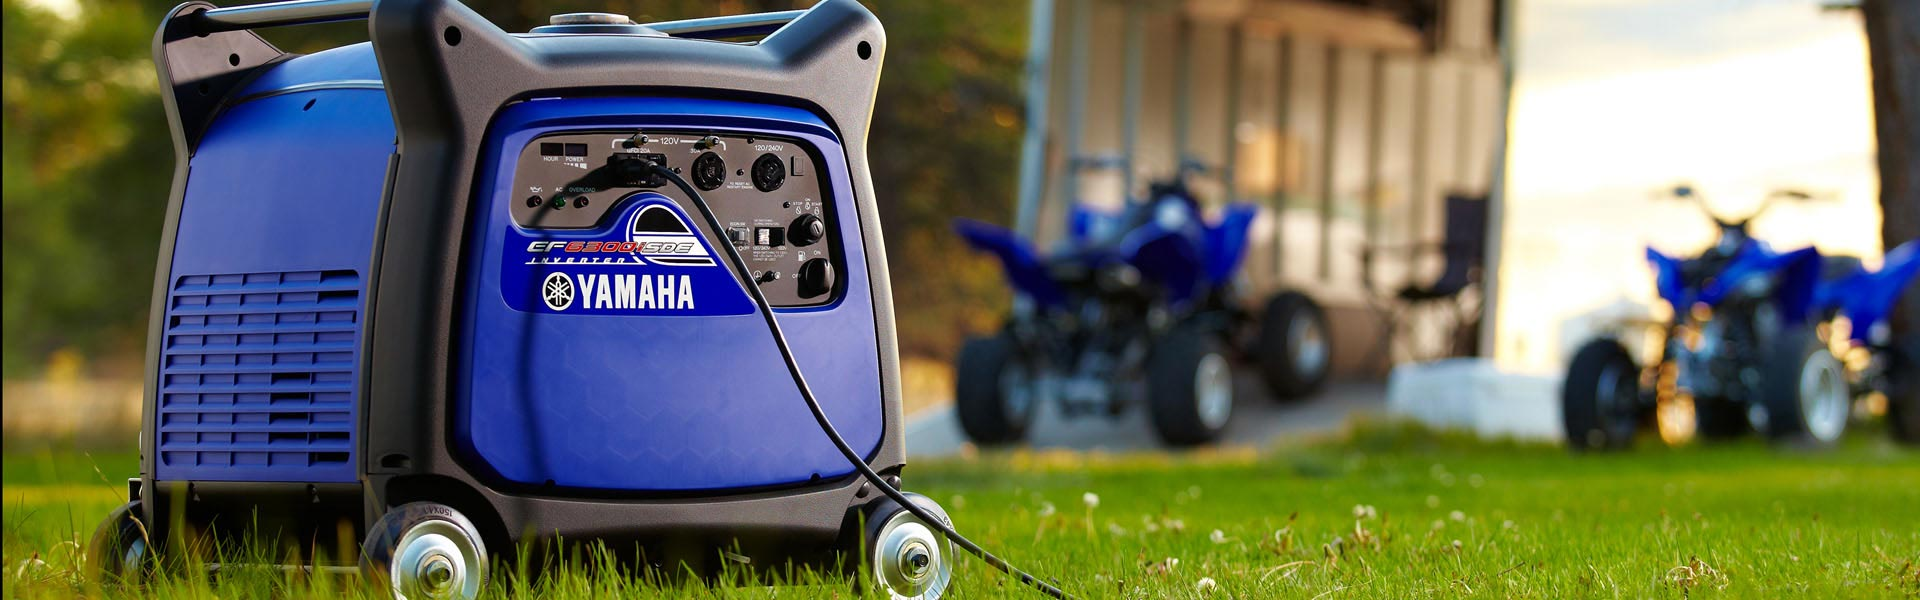 Yamaha Generators and Inverters Kempsey